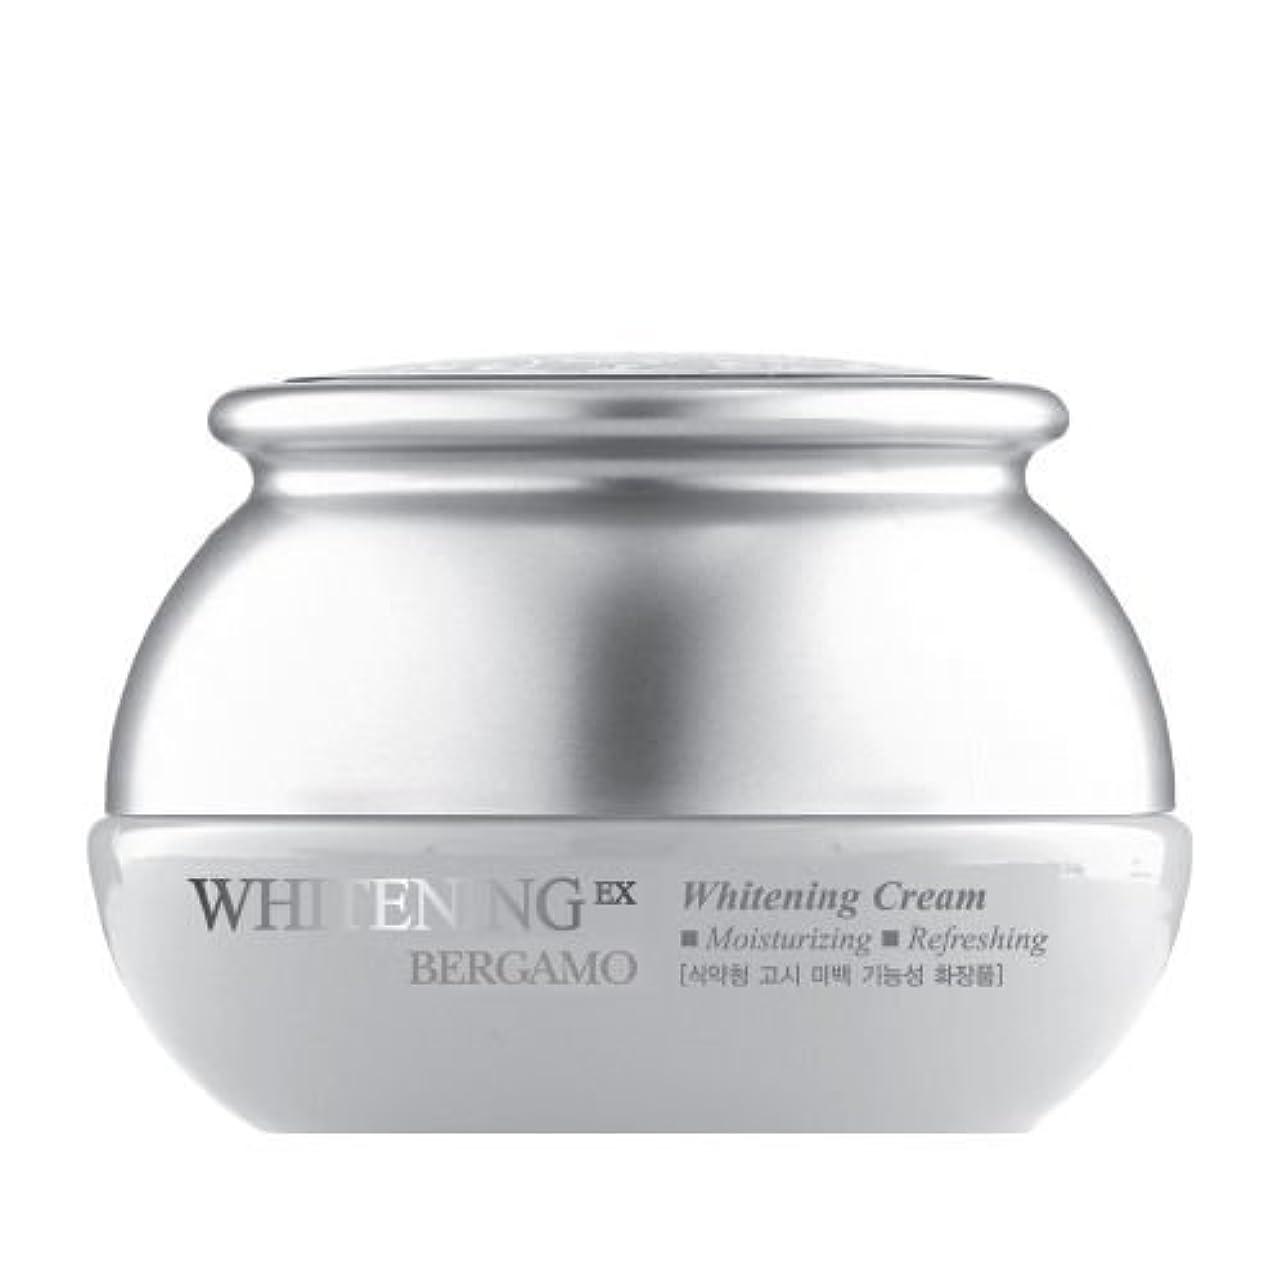 手数料エリート仮定するベルガモ[韓国コスメBergamo]Whitening EX Wrinkle Care Cream ホワイトニングEXリンクルケアクリーム50ml しわ管理 [並行輸入品]